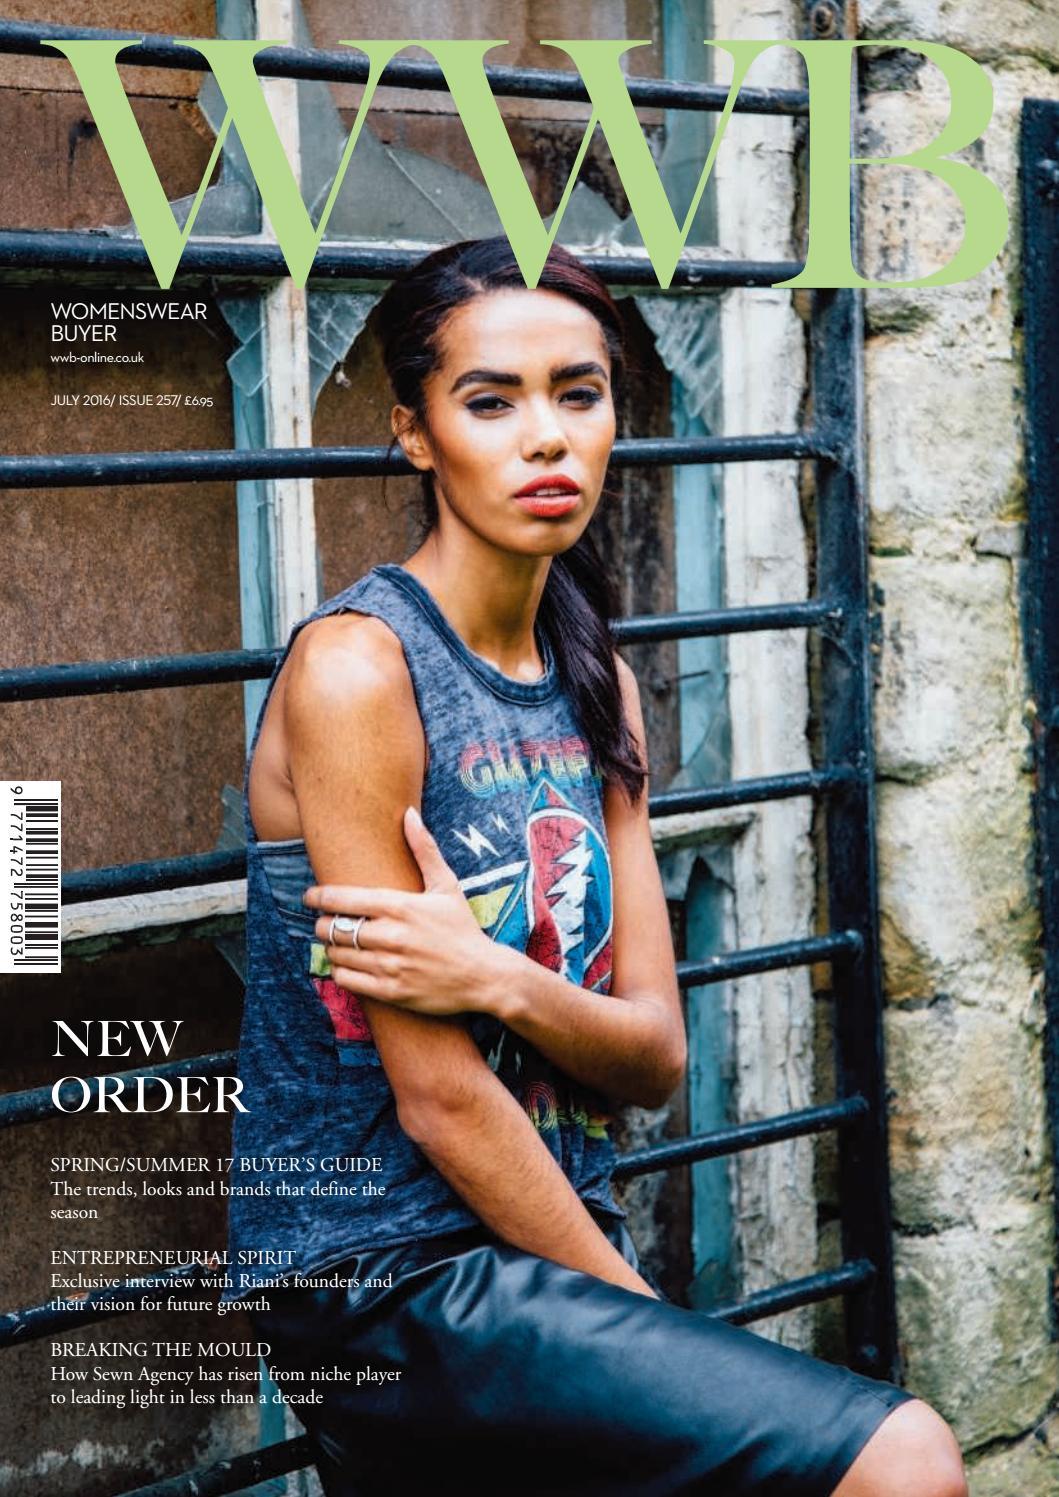 WWB MAGAZINE JULY ISSUE 257 by fashion buyers Ltd issuu